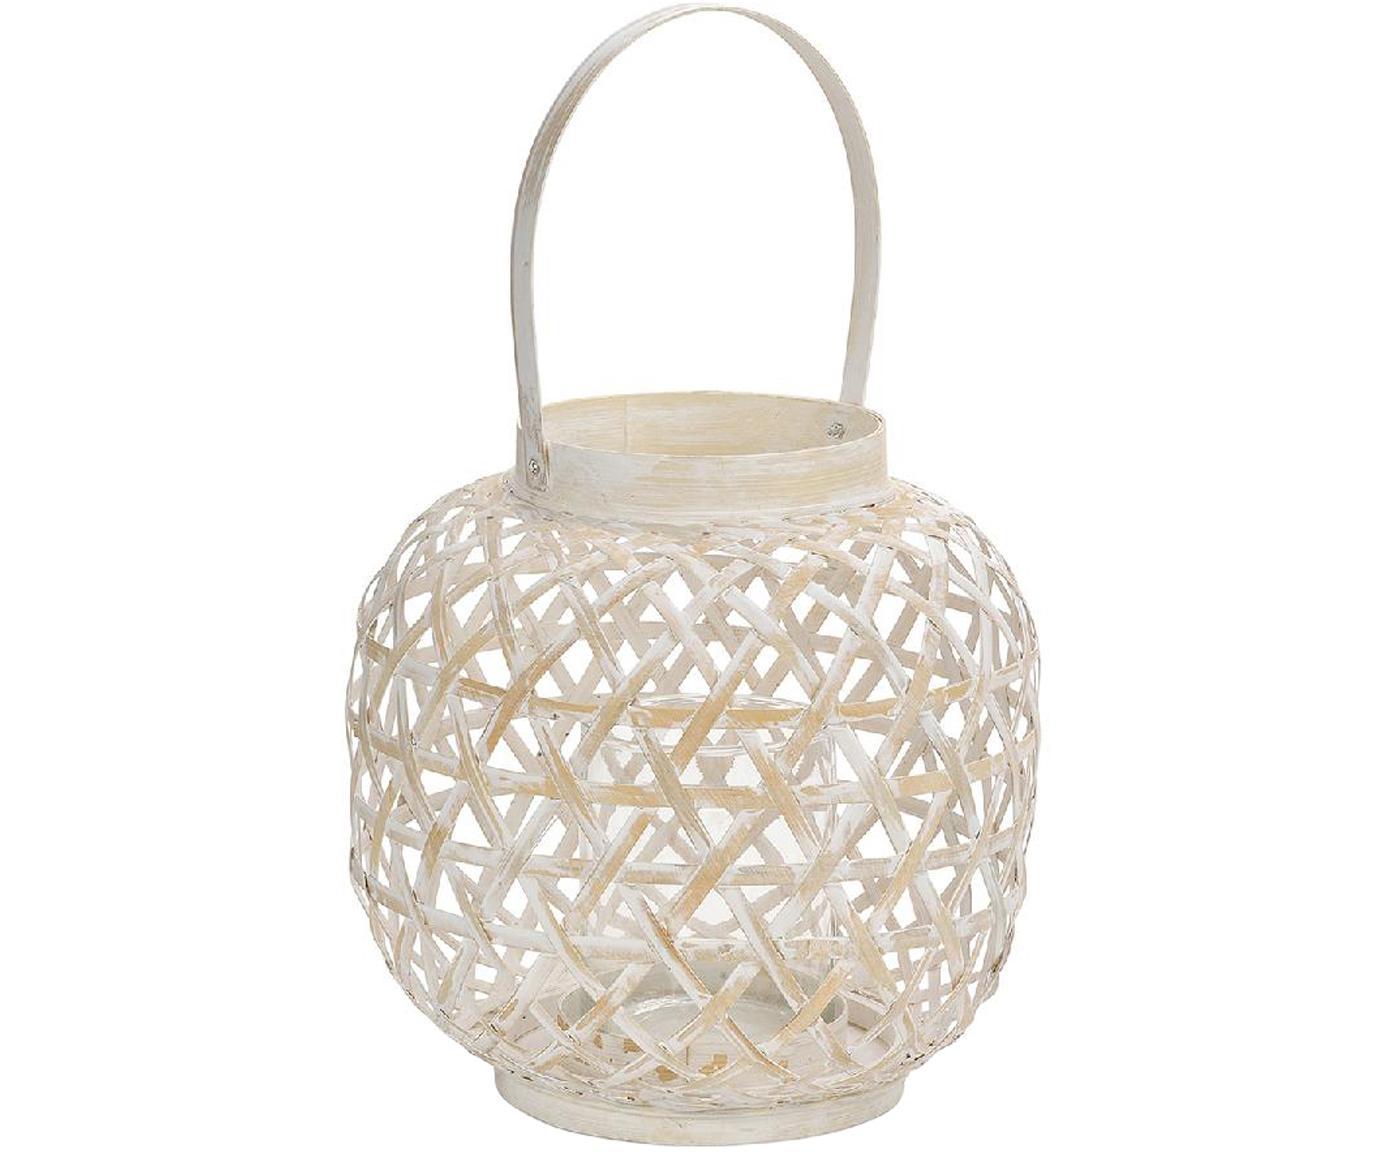 Świecznik Bamboo, Biały, beżowy, Ø 24 x W 39 cm